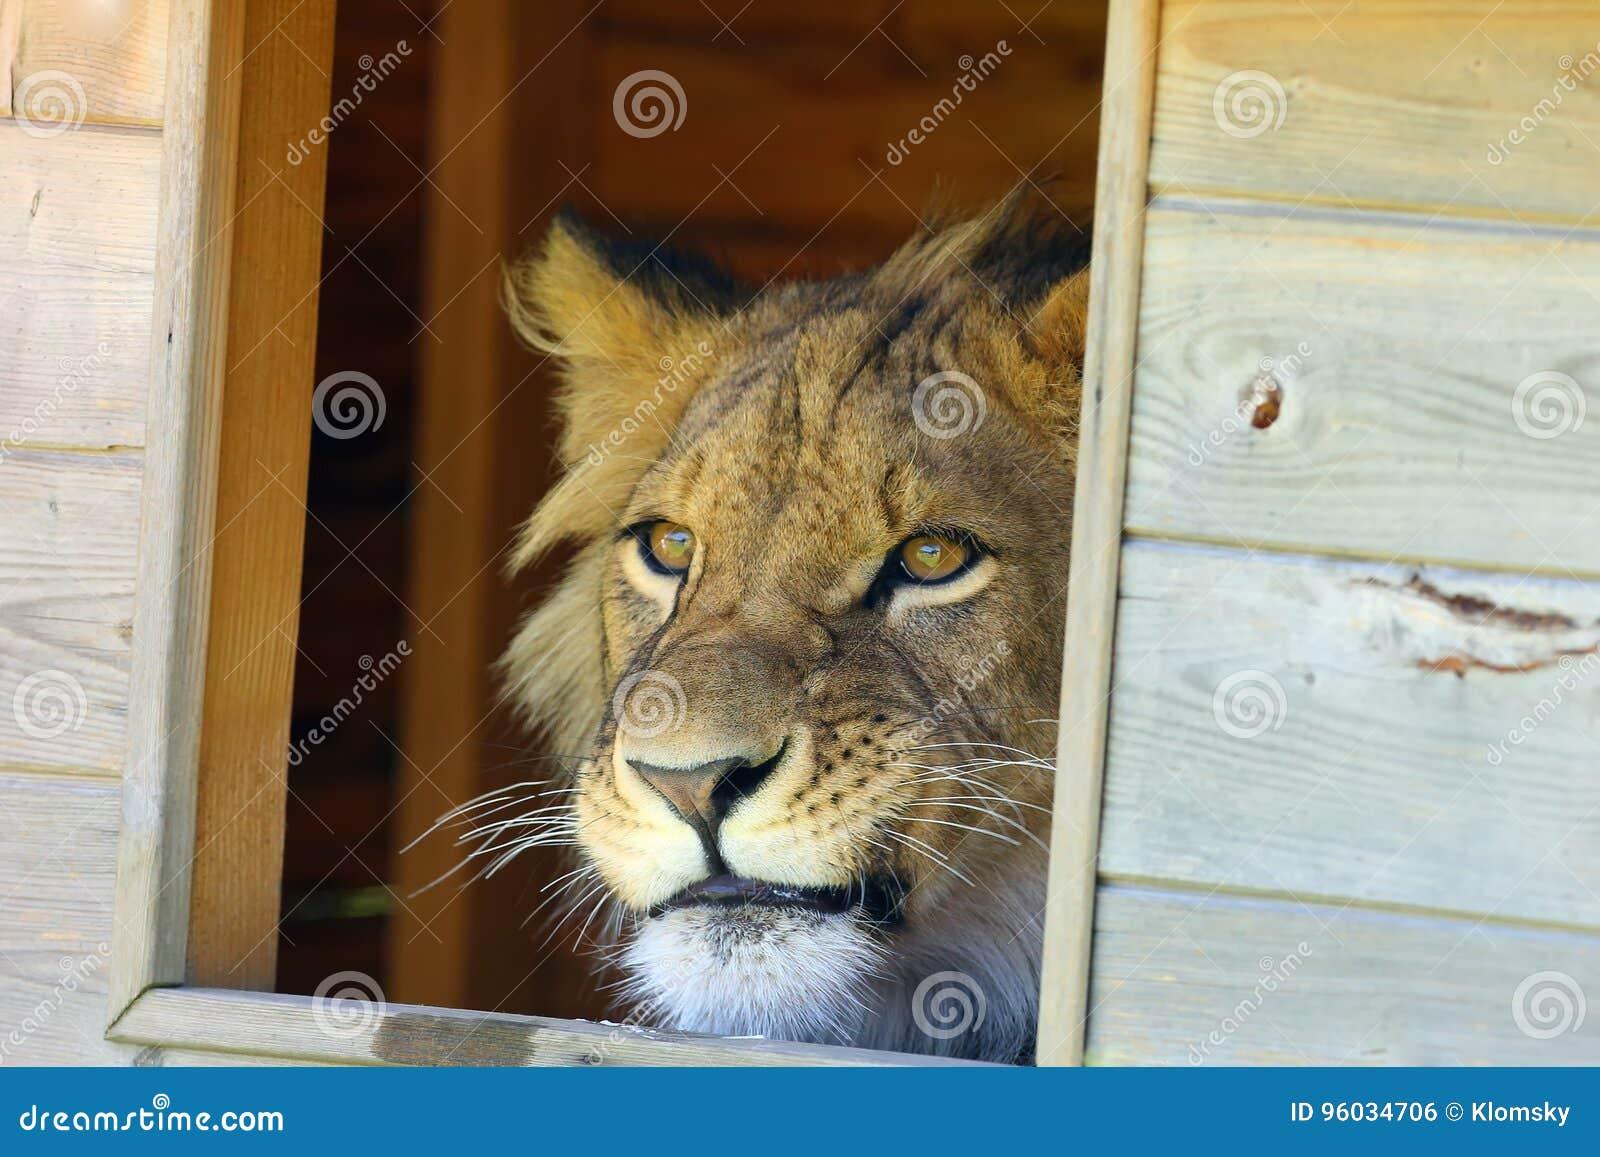 Afrykański lew & x28; Panthera leo& x29; w niewoli sąsiedztwa zegarkach przez okno